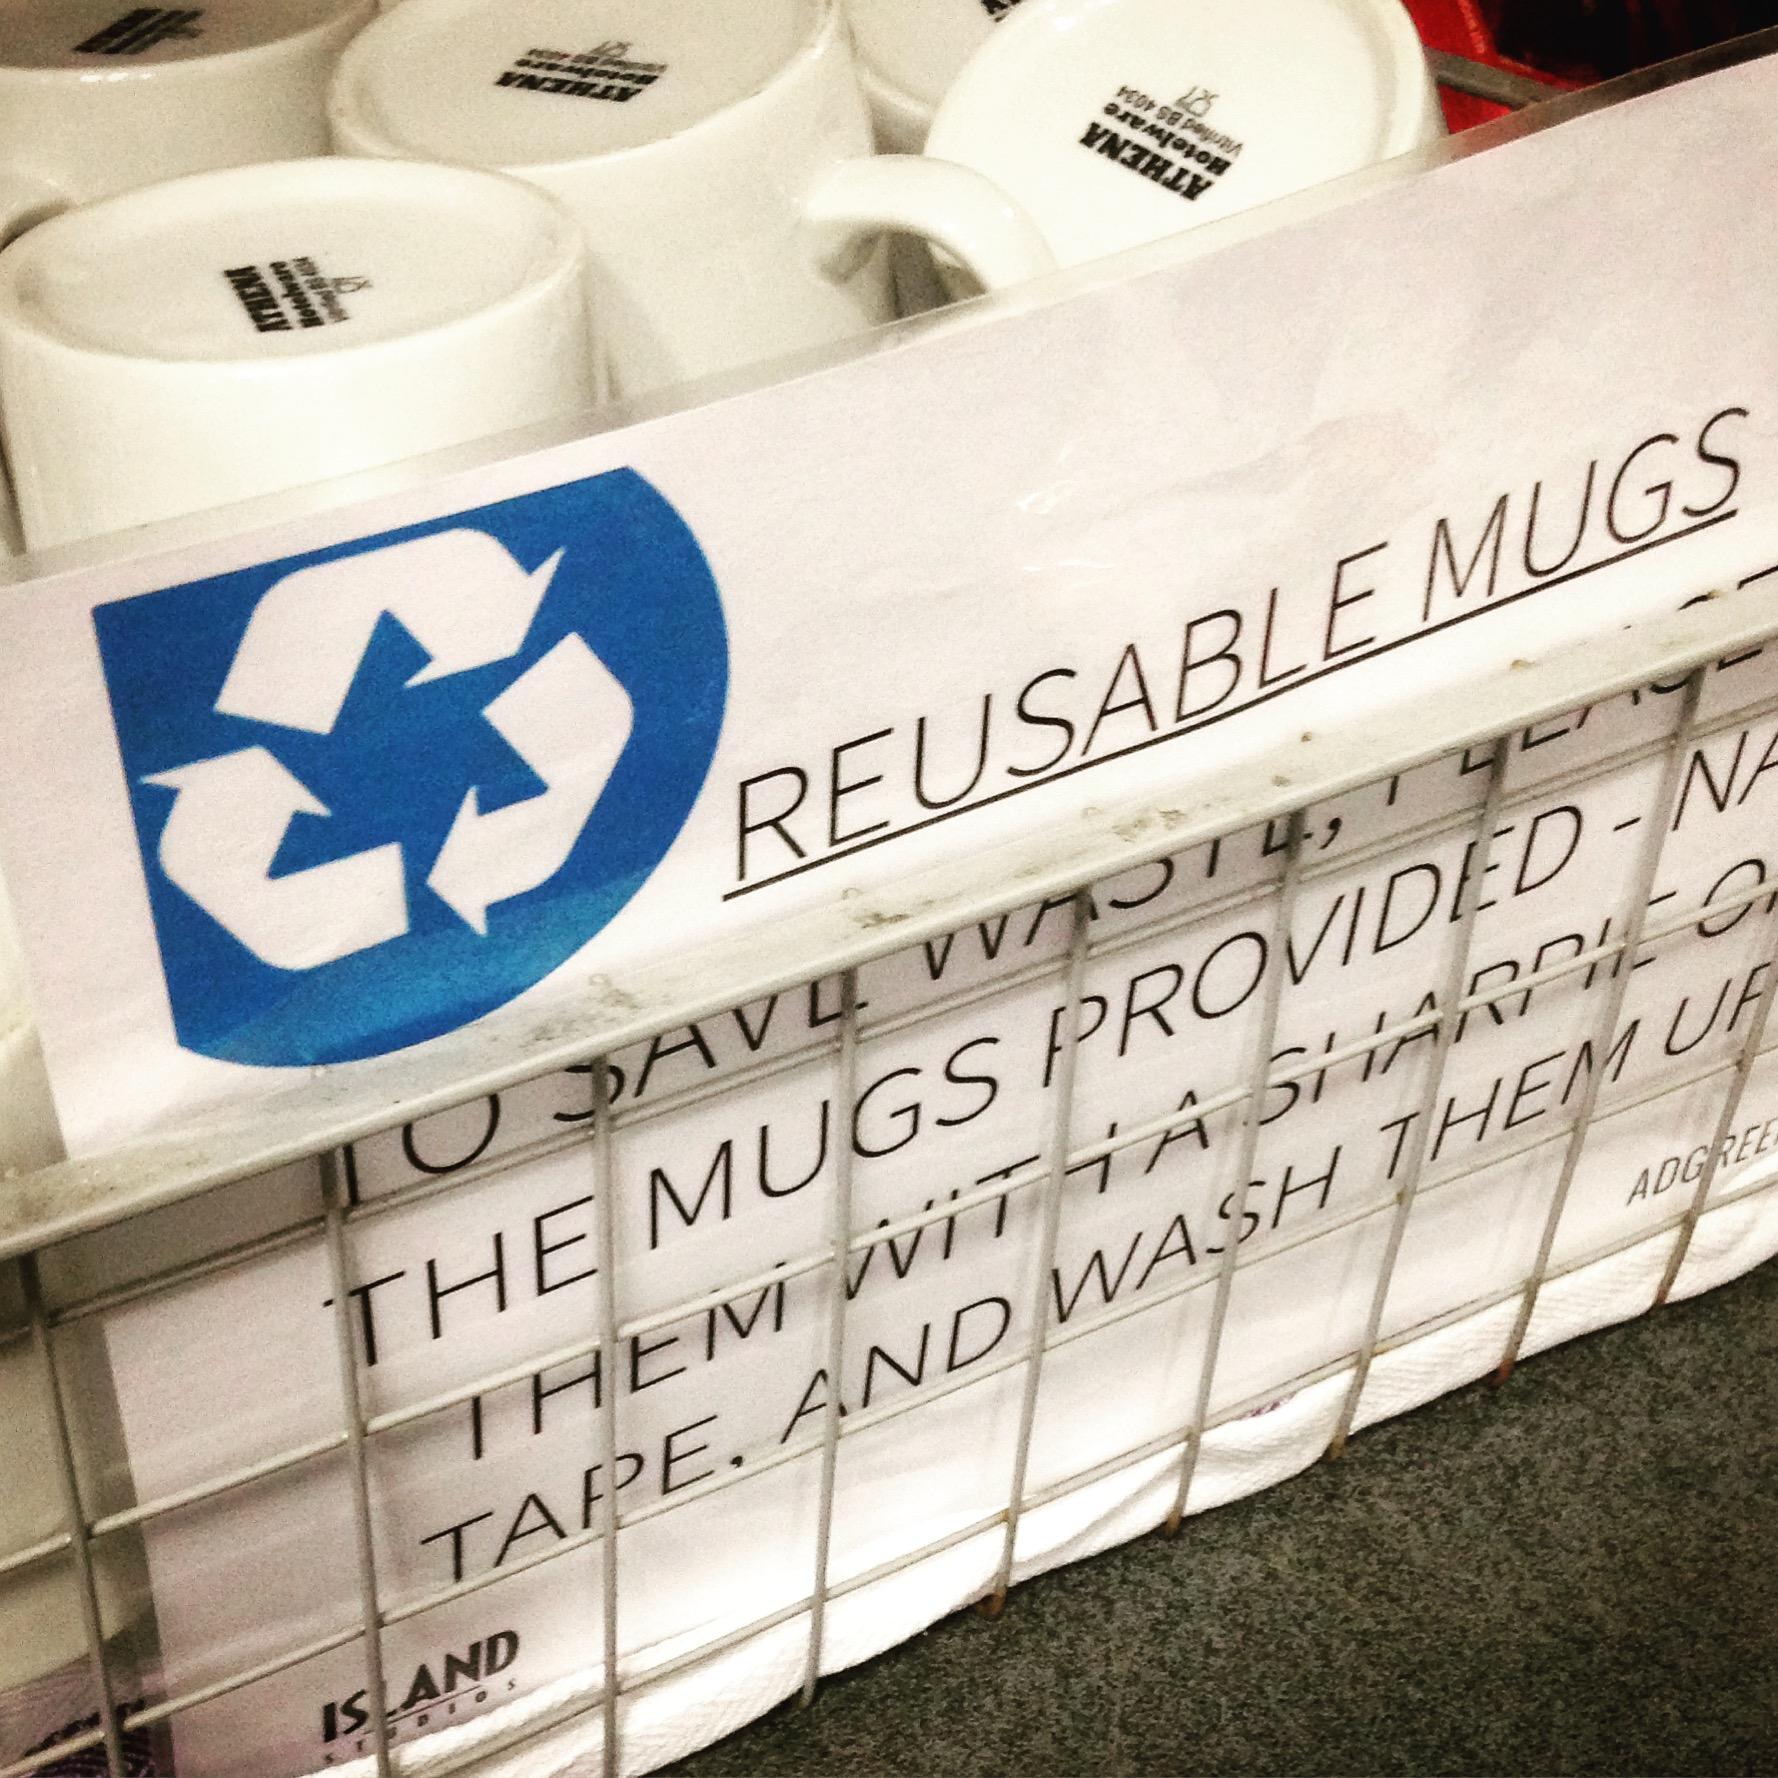 Mugs on set